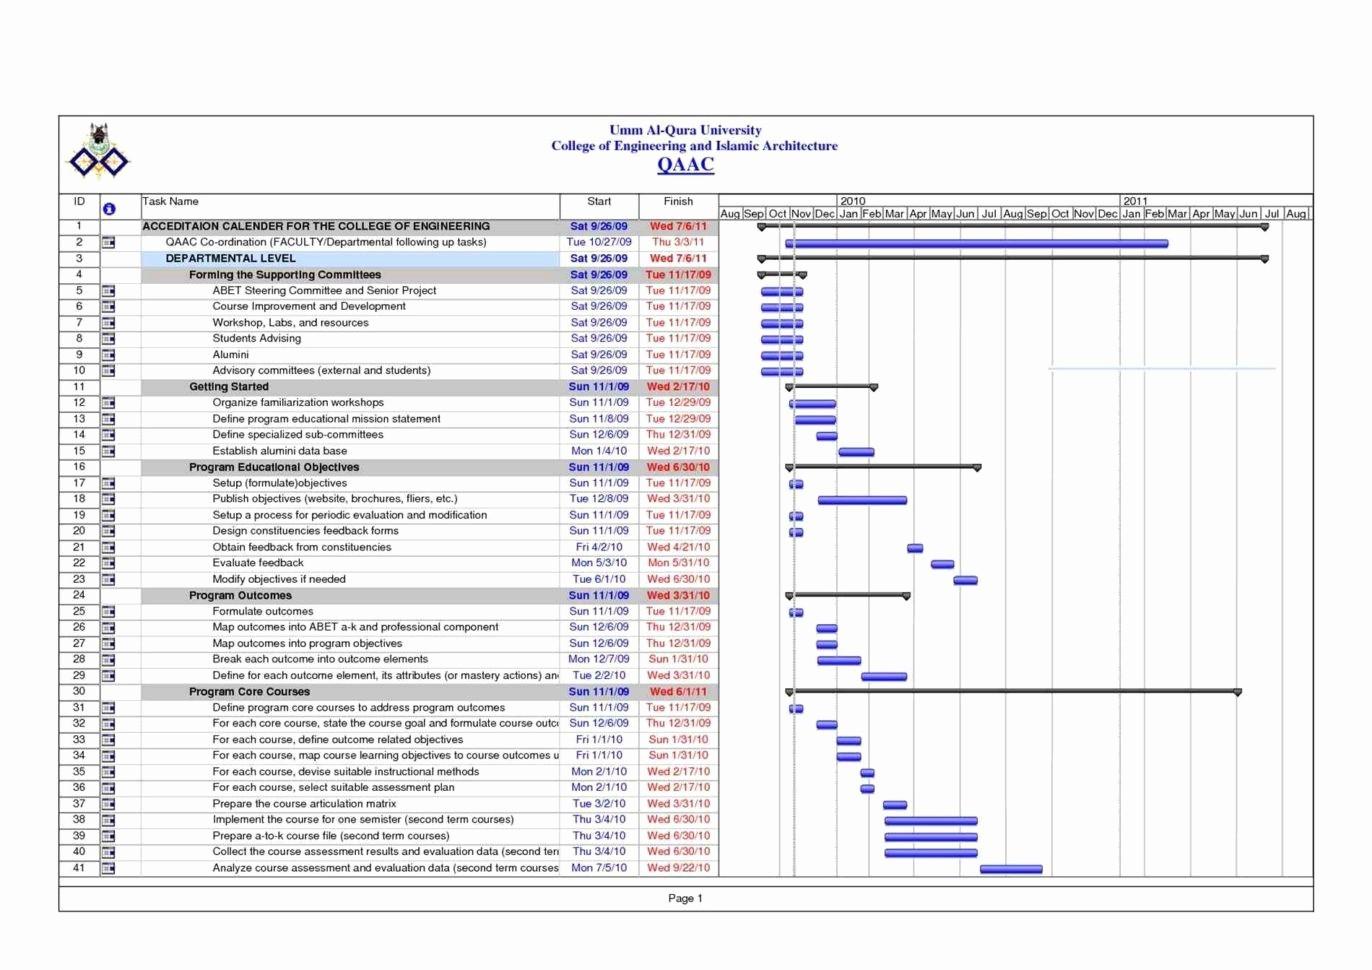 Microsoft Office Gantt Chart Templates Lovely Microsoft Fice Gantt Chart Template Free Example Of